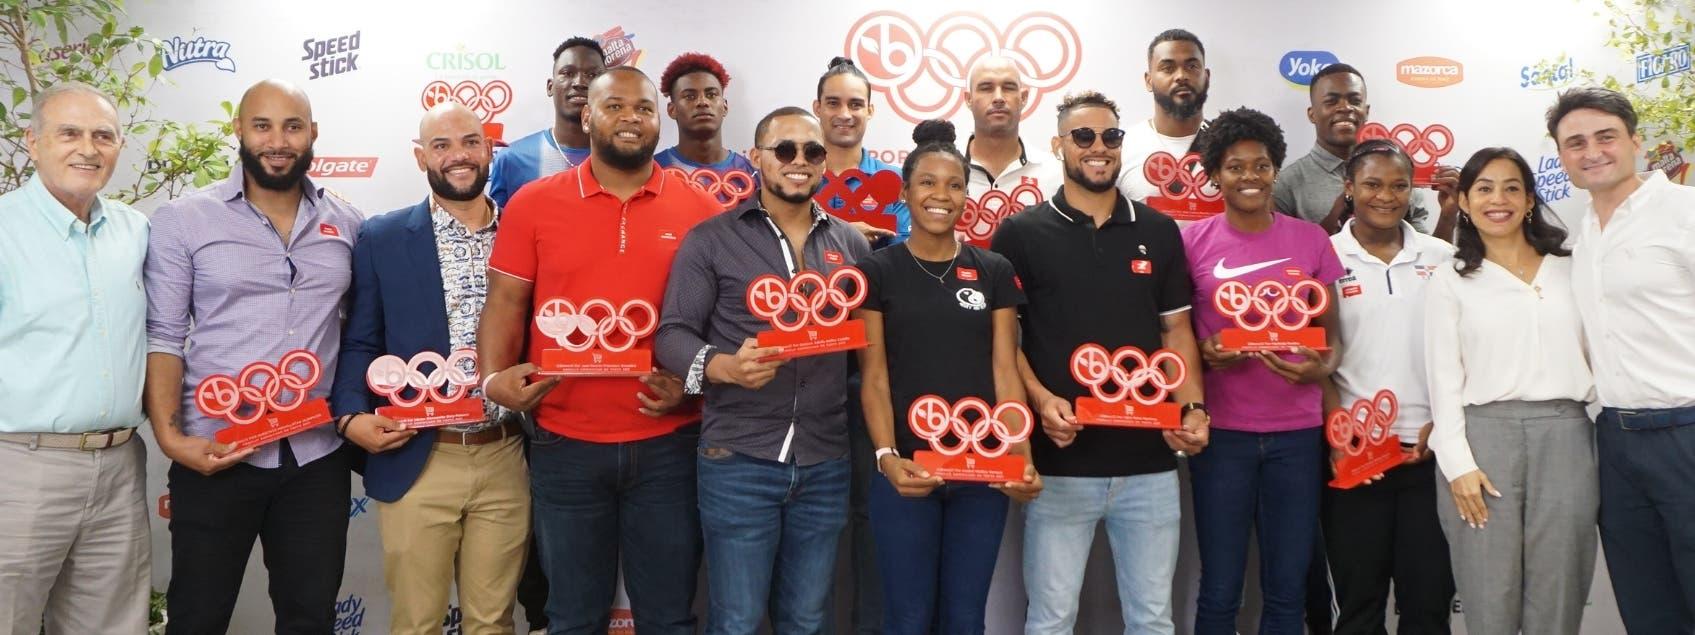 Súper Mercado Bravo cumple con atletas medallistas